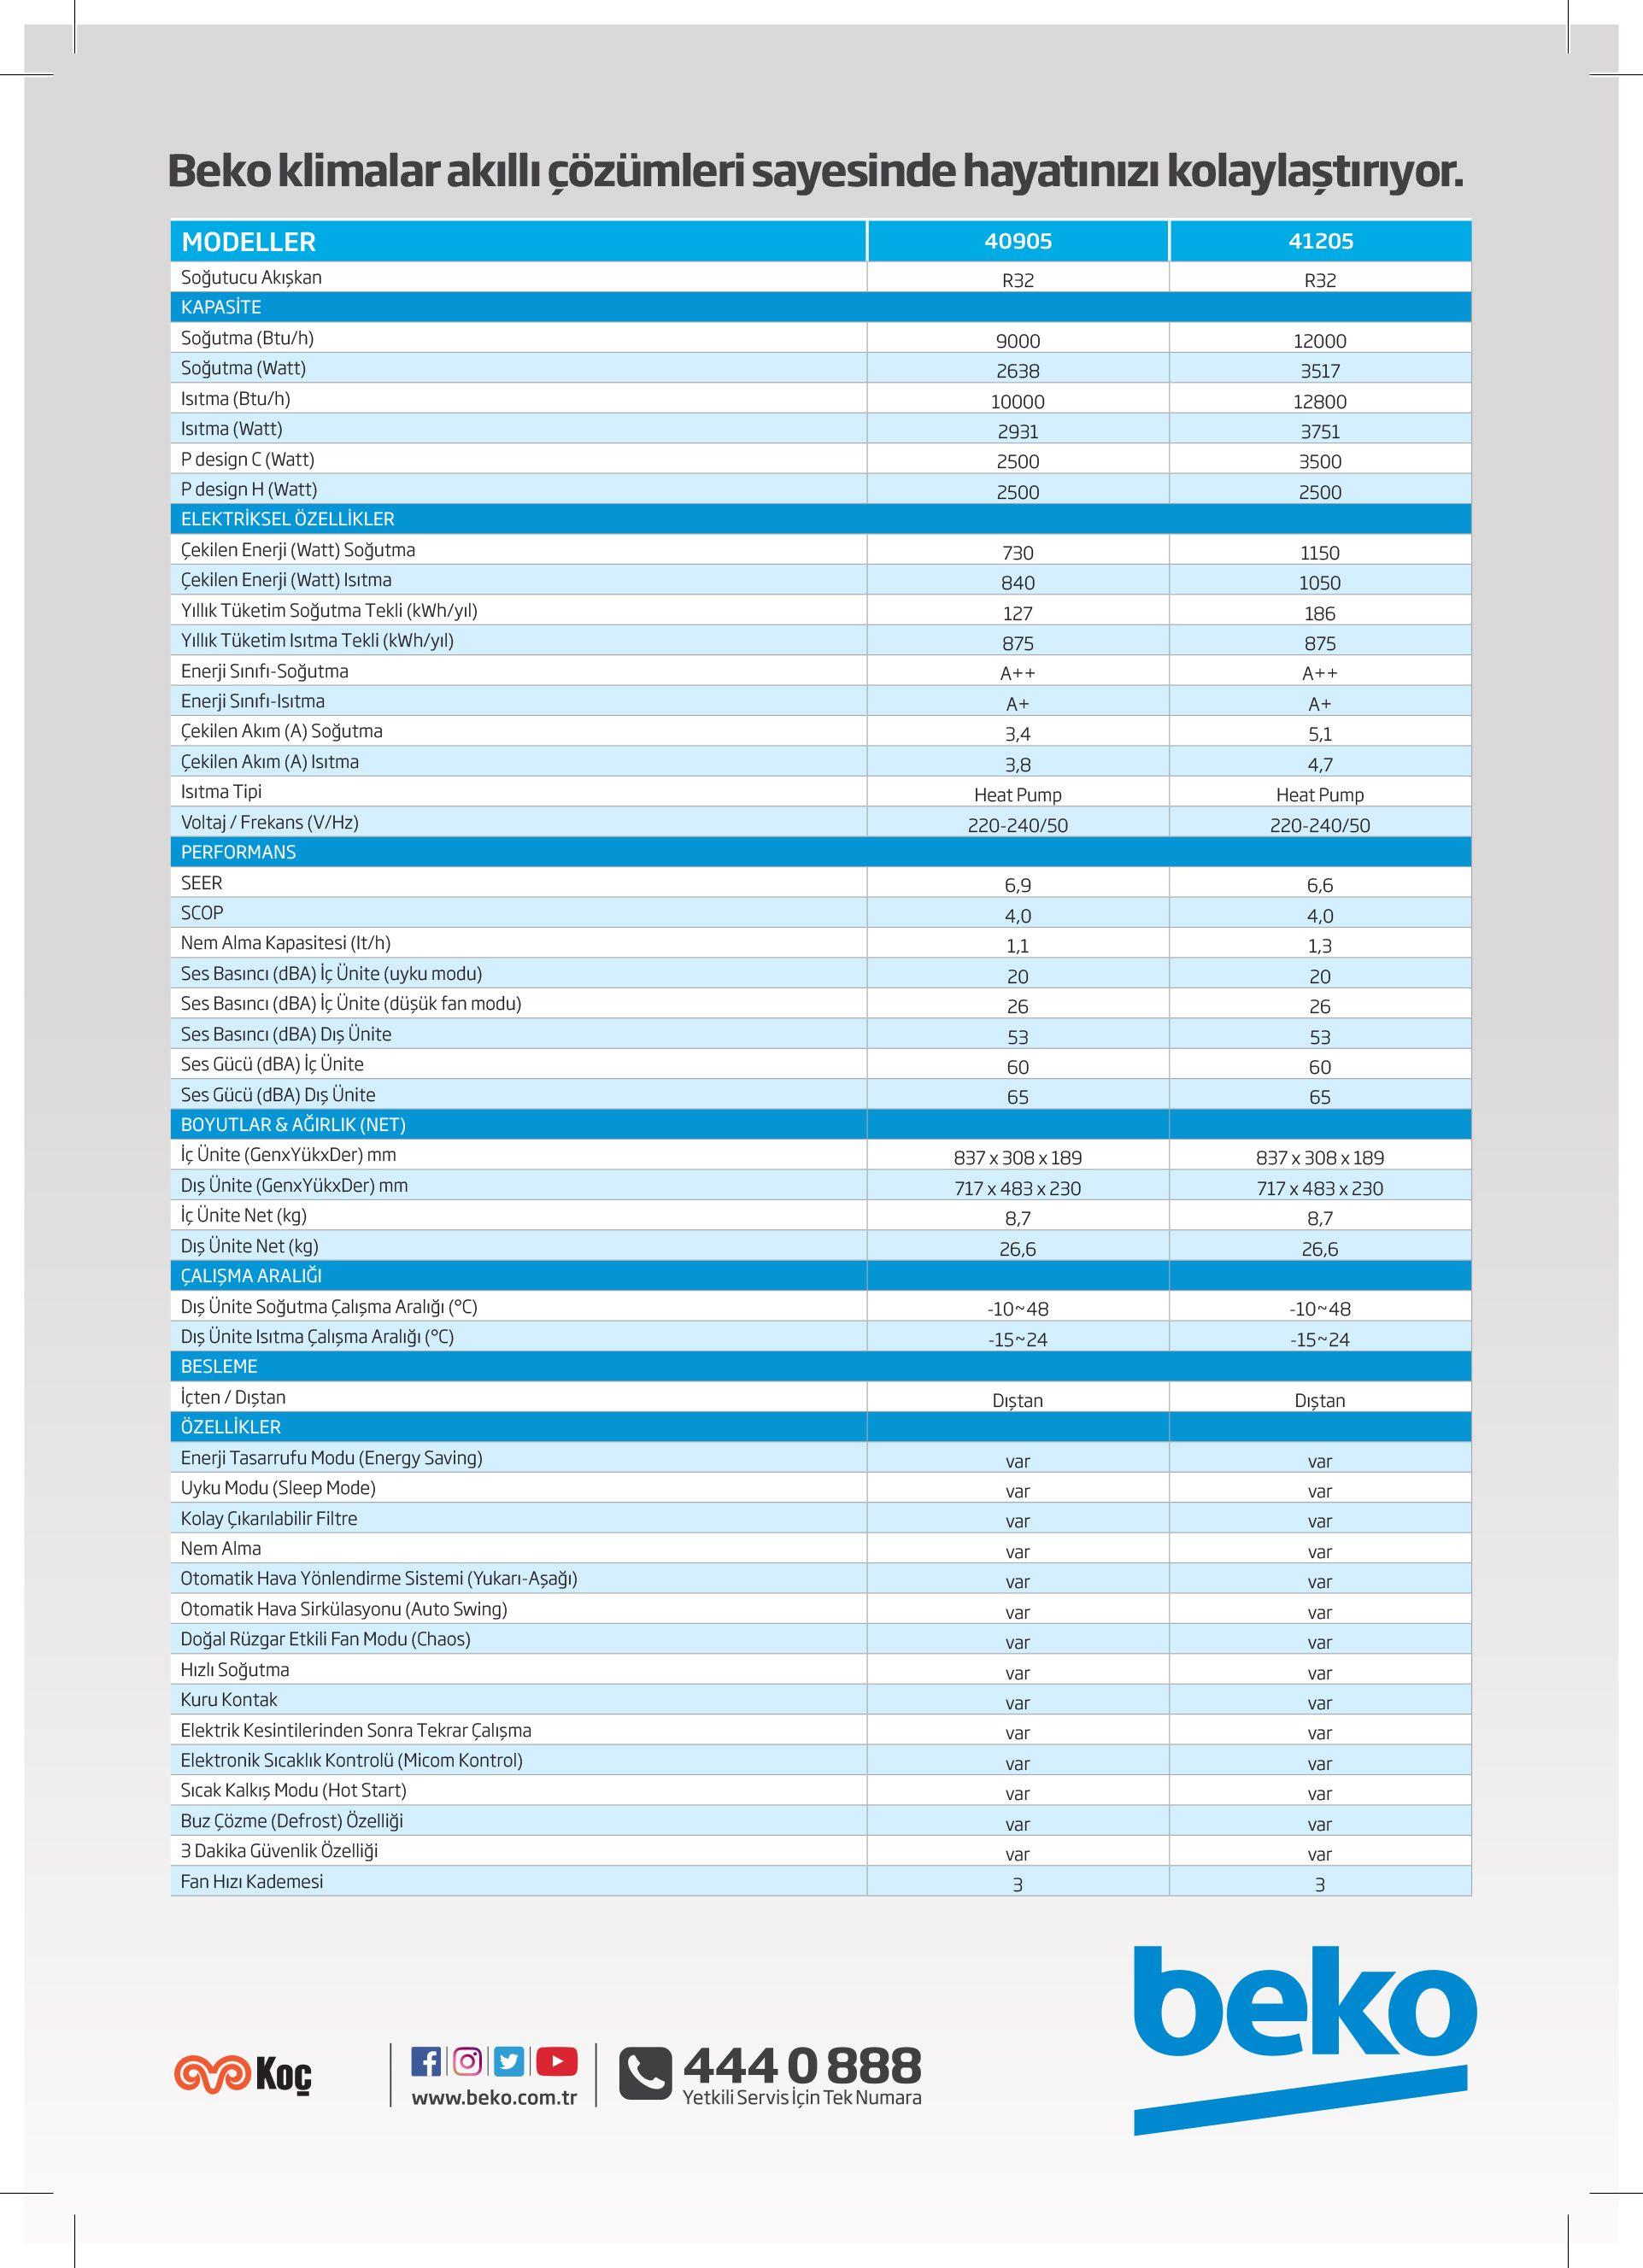 Beko 41205 12000 Btu Klima Modelleri